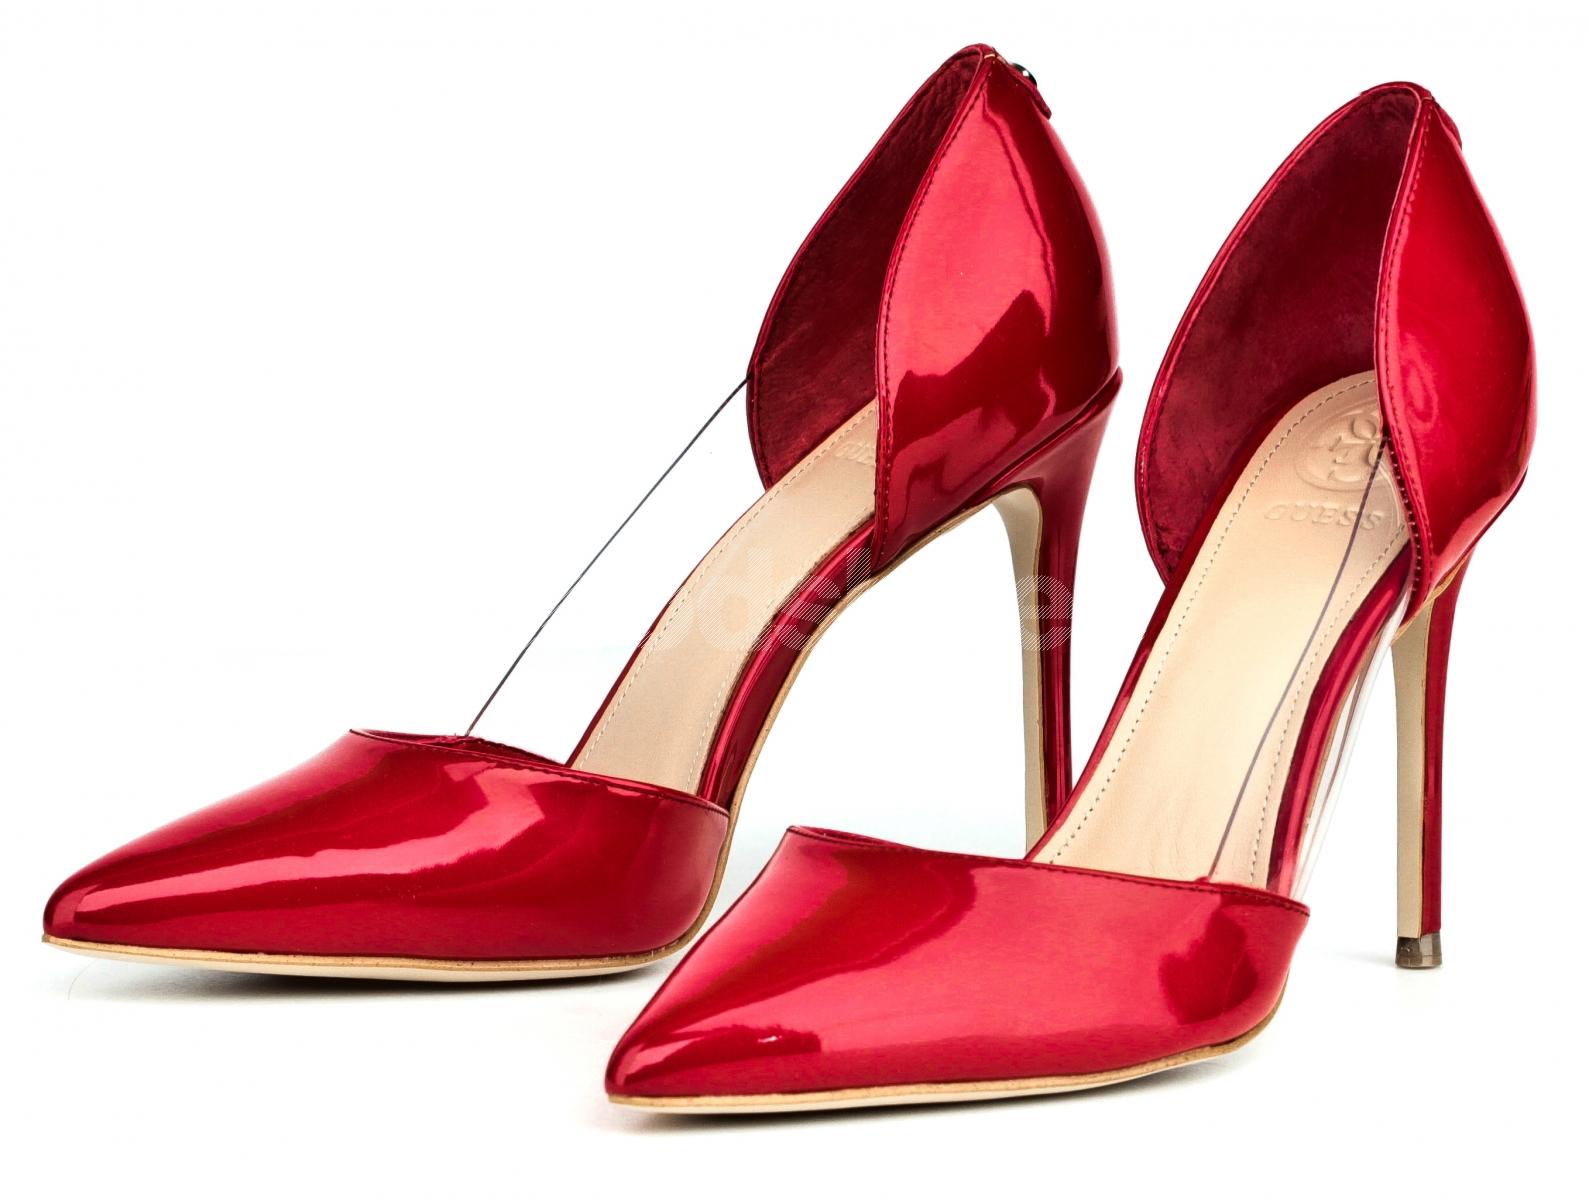 cb6723277159f ... Szpilki Damskie GUESS Czerwone Lakierowane BLISS FLBLS1 PAF08 RED ...